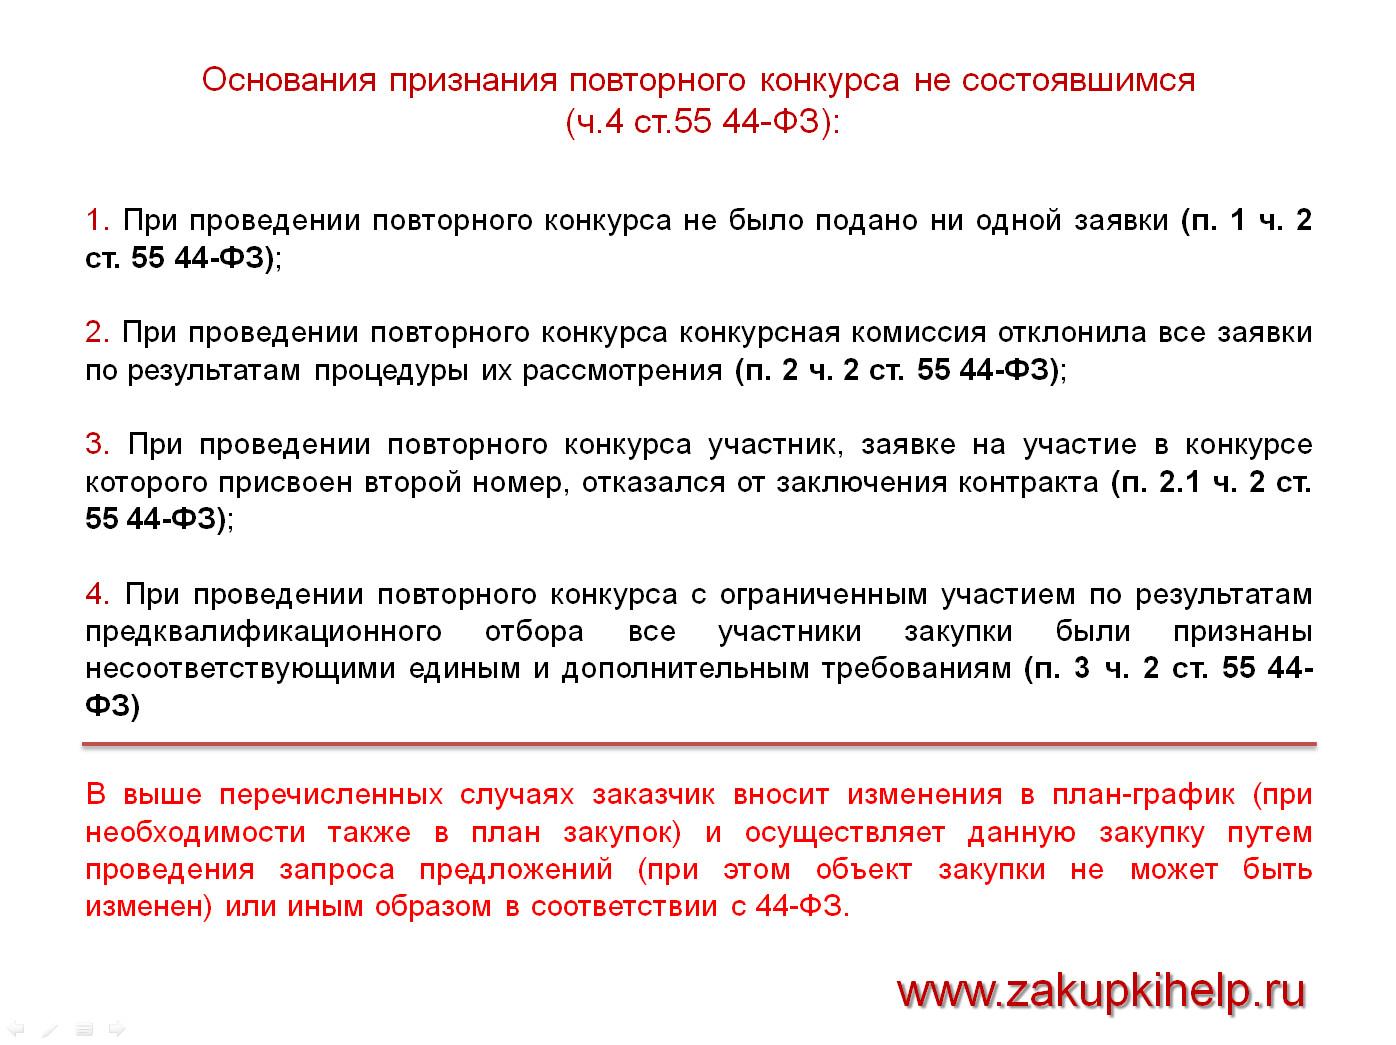 Постановление правительства рф от 29102002 № 781 о санитарках рентгенотделений